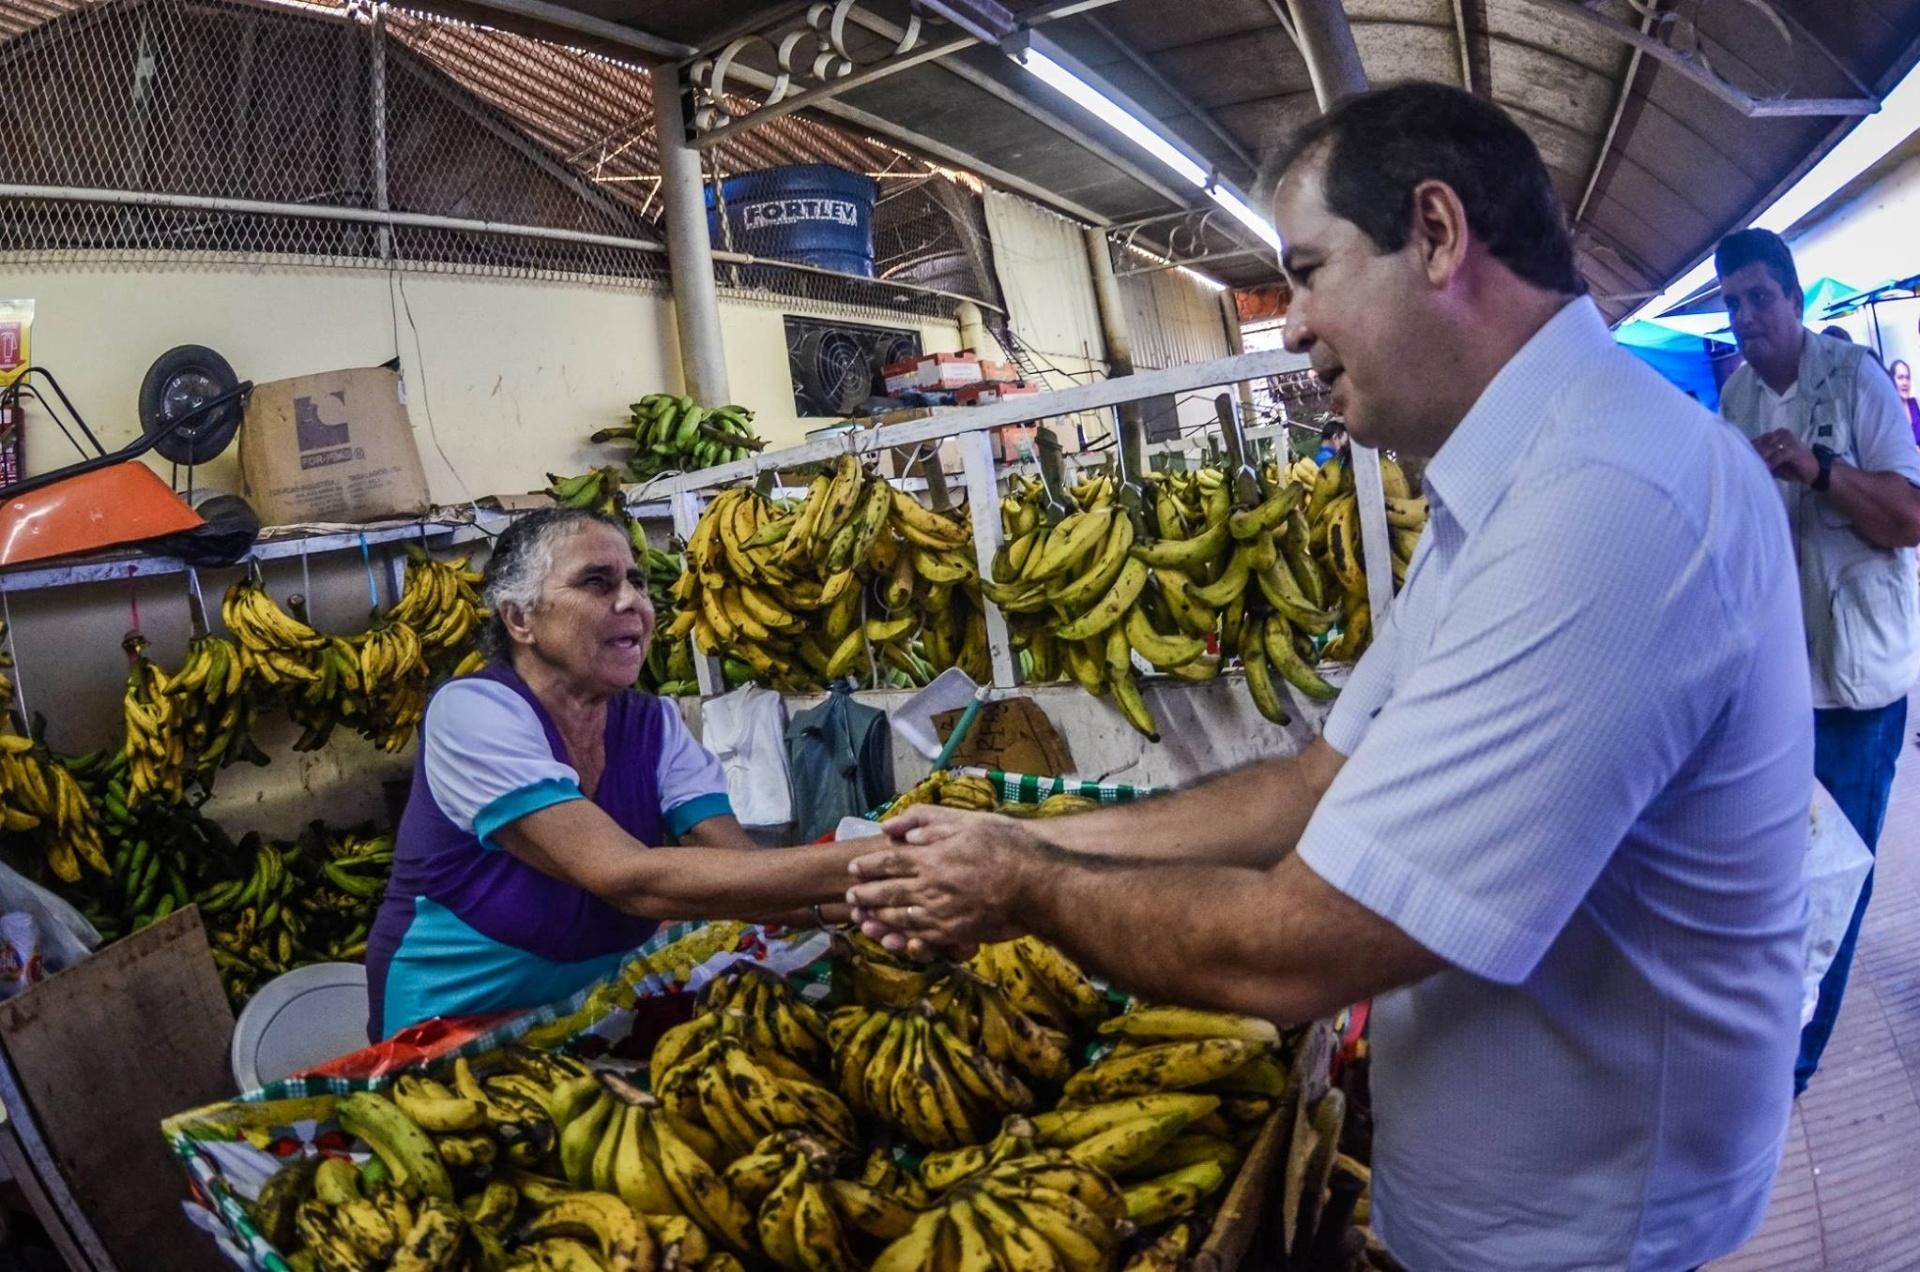 15.out.2015 - O governador do Acre e candidato à reeleição, Tião Viana (PT), conversa com feirante durante visita ao mercado Elias Mansour, em Rio Branco